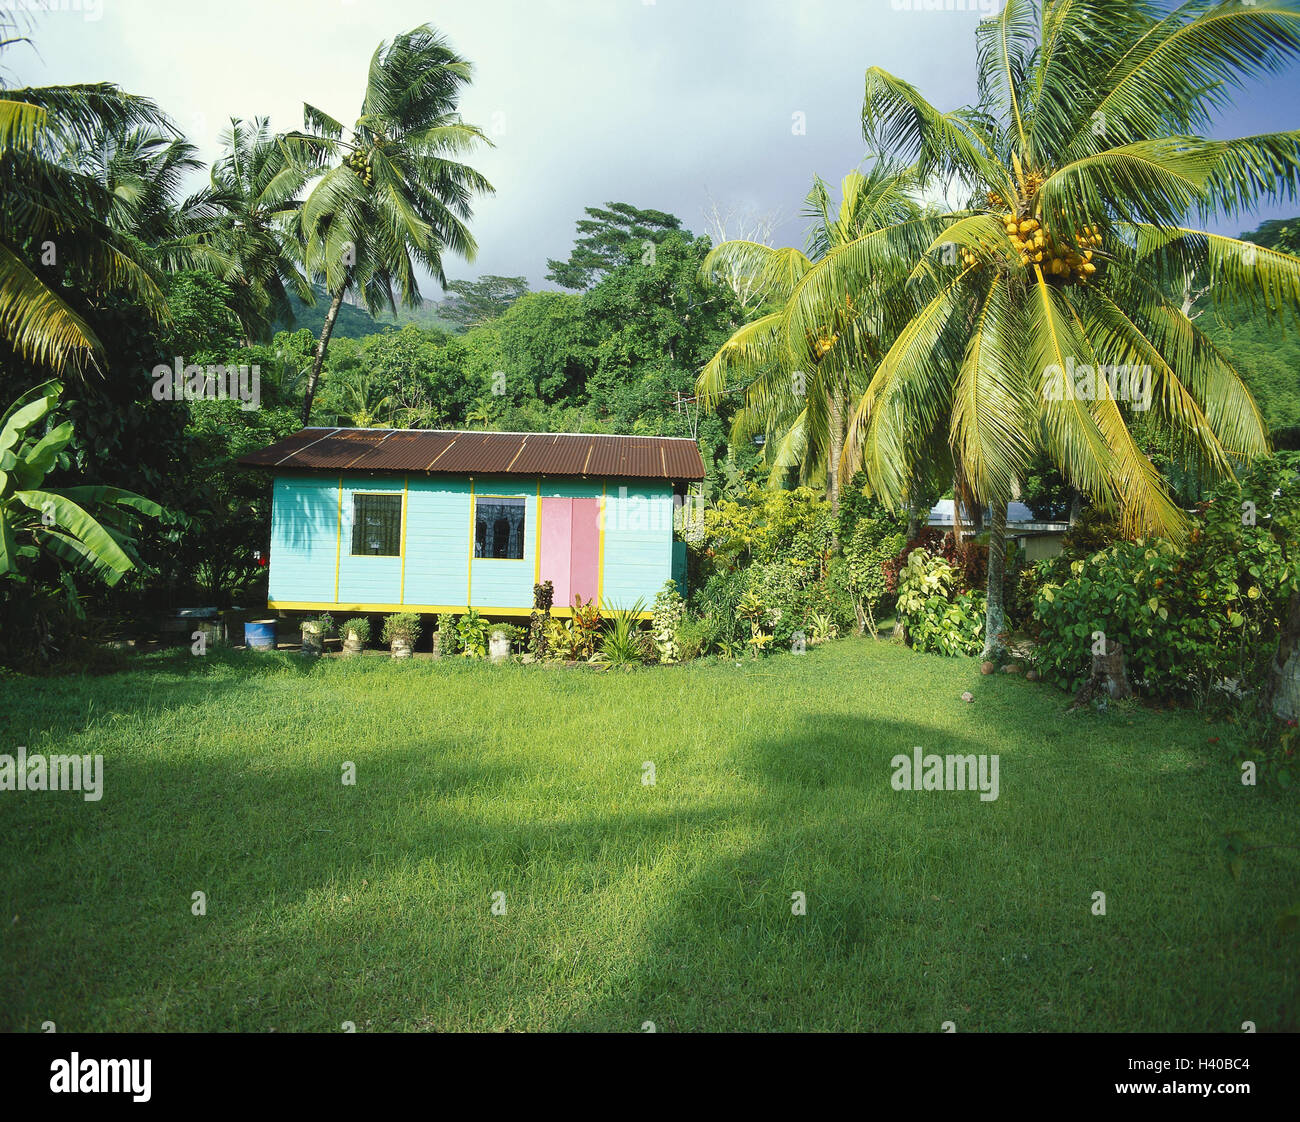 The Seychelles Mahe Palm Beach Residential House Garden